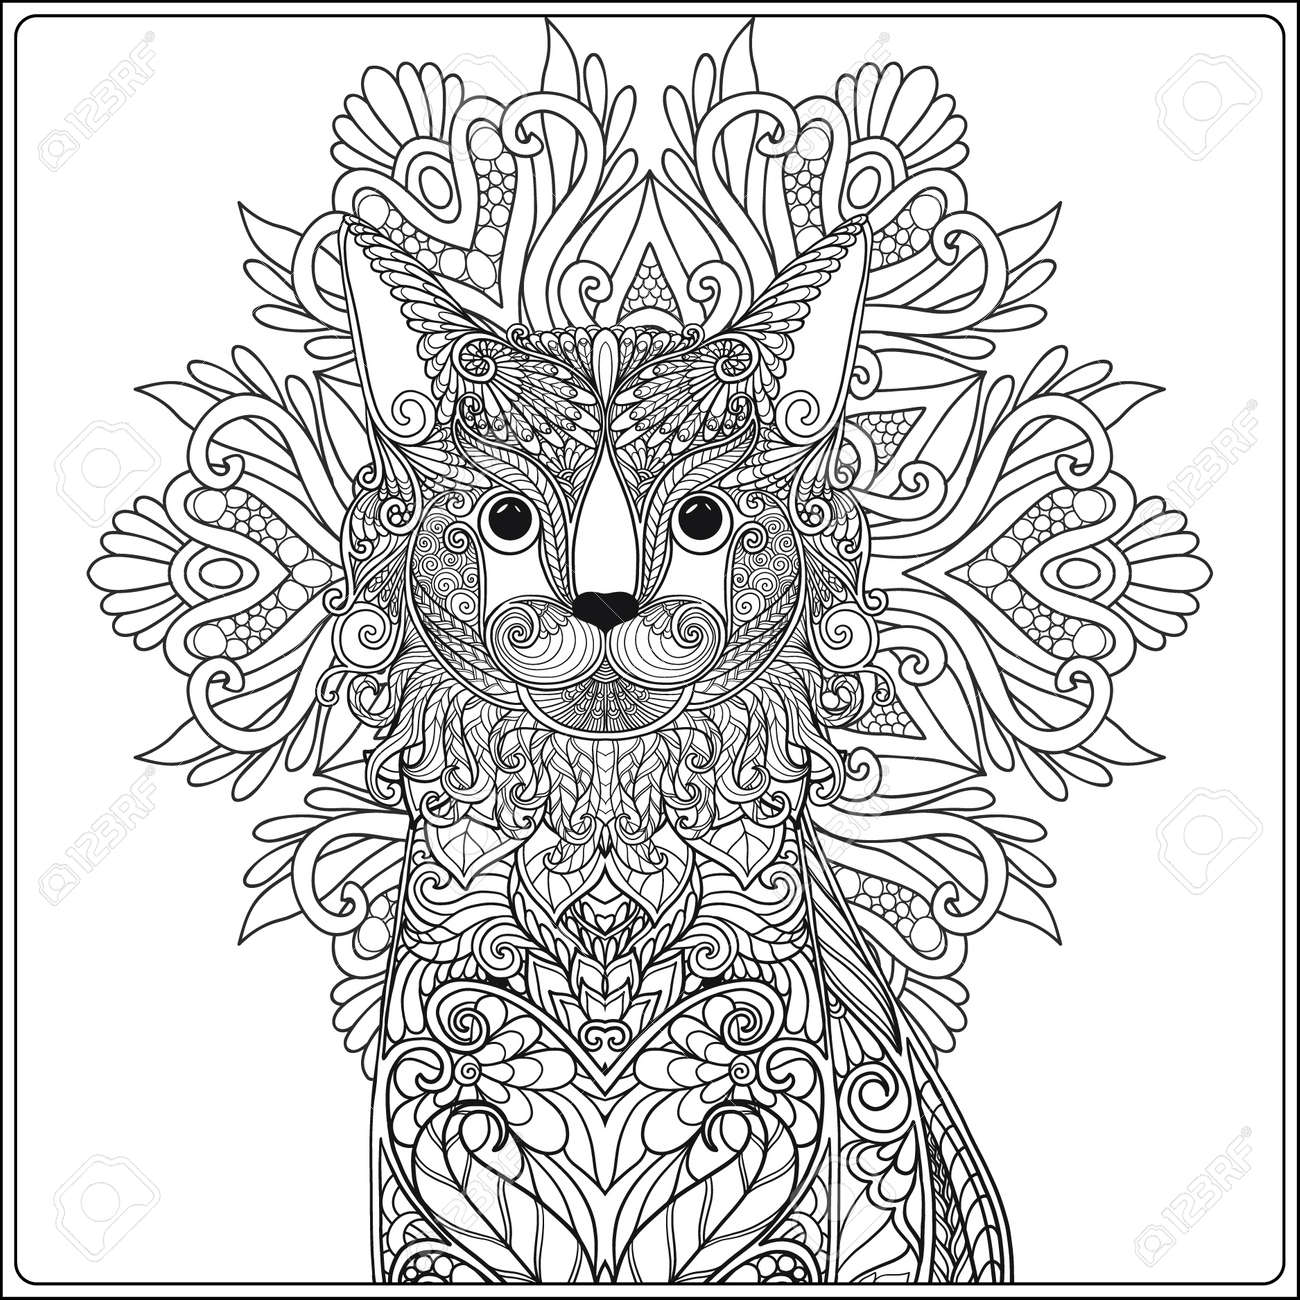 Coloriage Adulte Chat.Chat Decoratif Avec Mandala Illustration Vectorielle Livre De